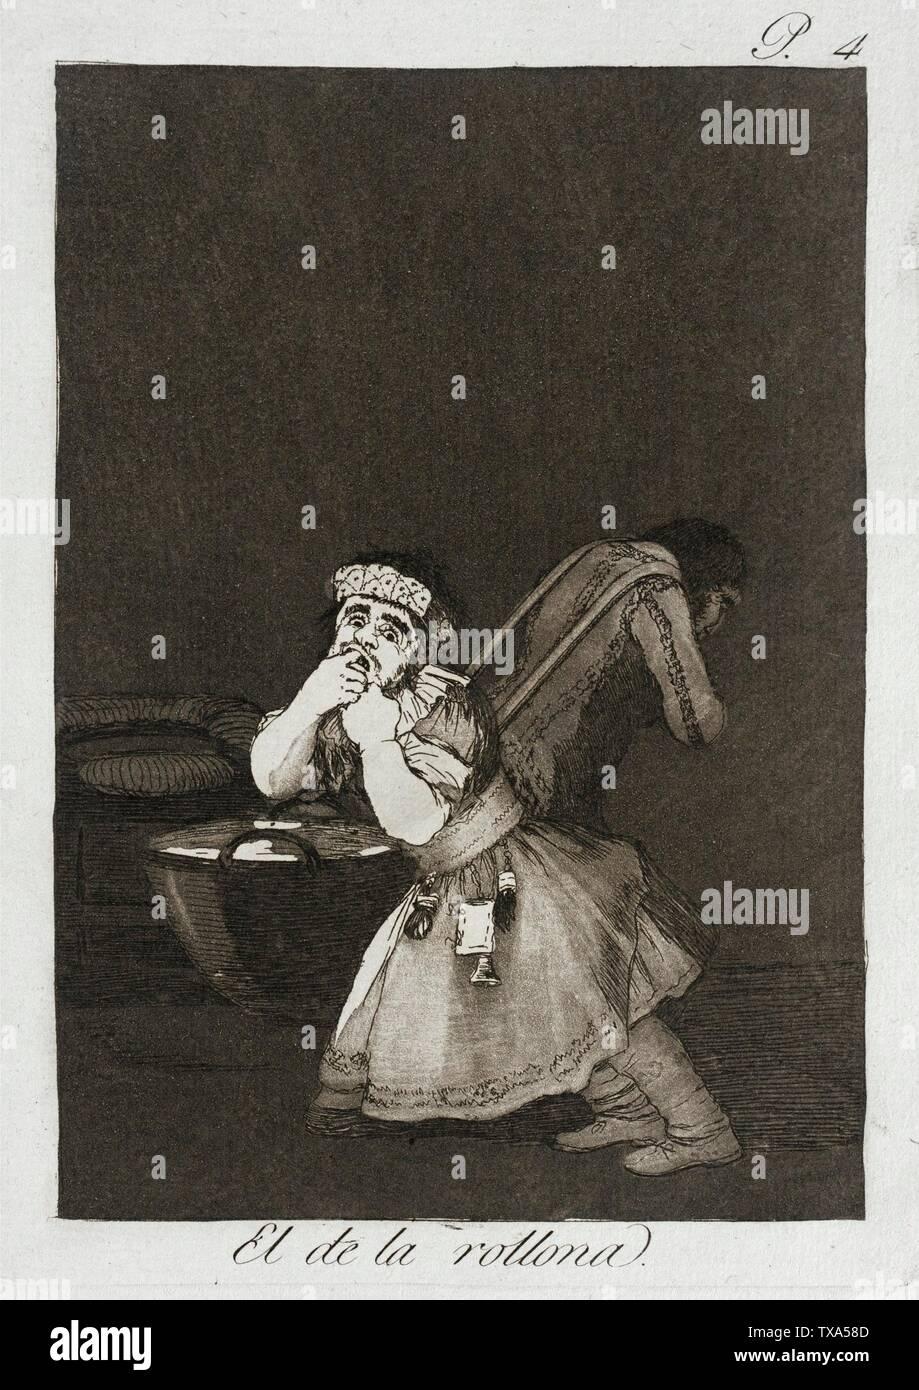 """""""Nanny's Boy; en inglés: España, 1799 título alternativo: el de la Rollona cartera: Los Caprichos, la placa 4 copias; grabados aguafuerte y aguatinta bruñida Paul Mabury Rodman Fondo Fiduciario (63.11.4) grabados y dibujos; QS 1799Fecha:P571,+1799-00-00T00:00:00Z/9; ' Imagen De Stock"""